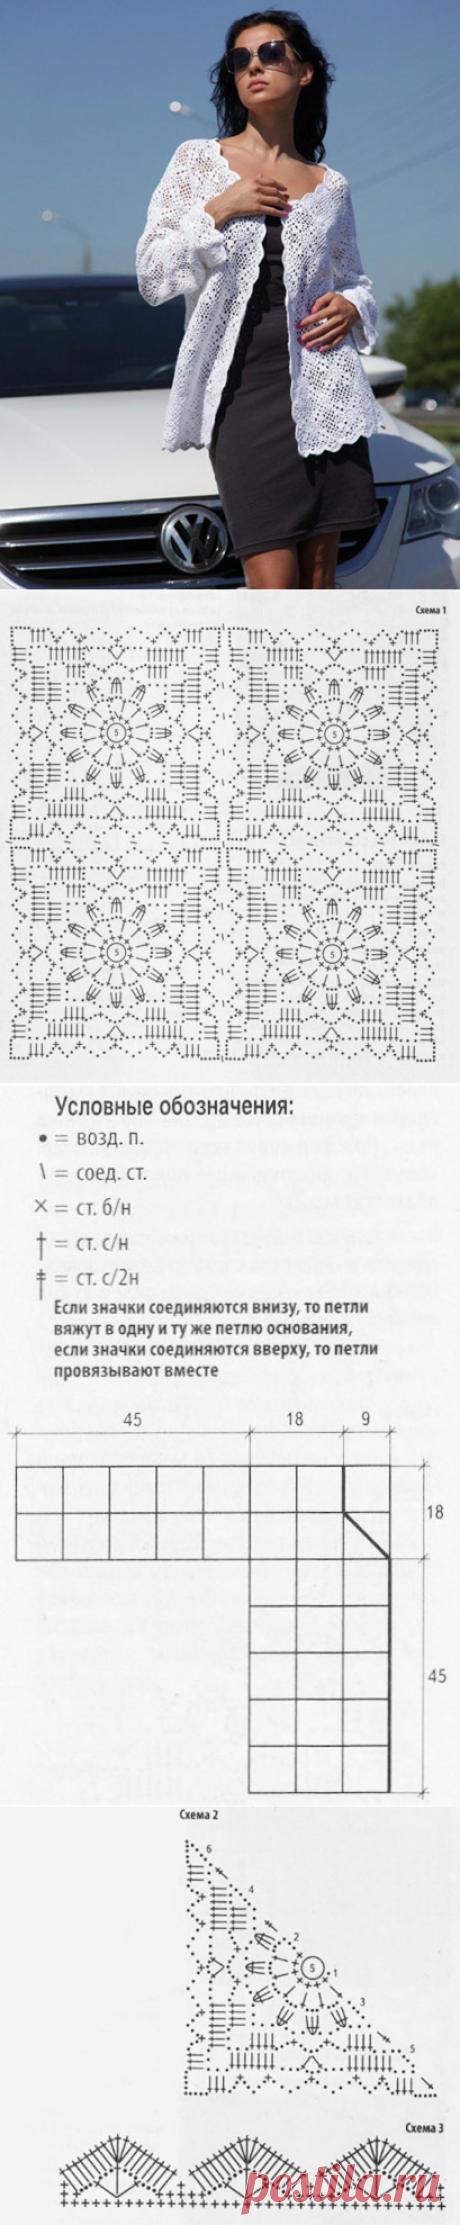 Ажурный кардиган узором из квадратных мотивов белого цвета крючком – схемы с описанием вязания